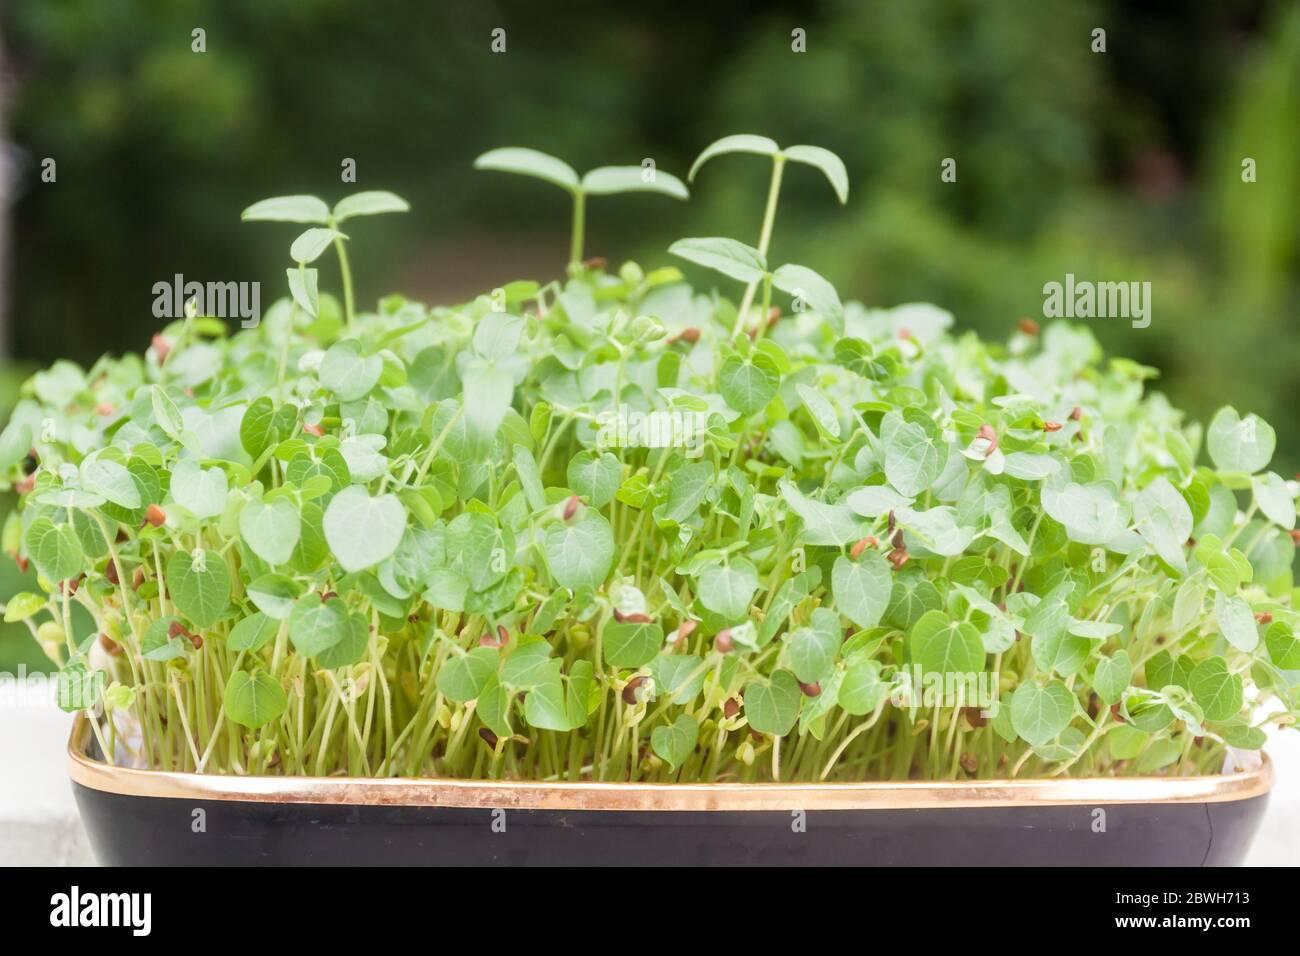 Micro verdes concepto fondo de brotes creciendo Foto de stock